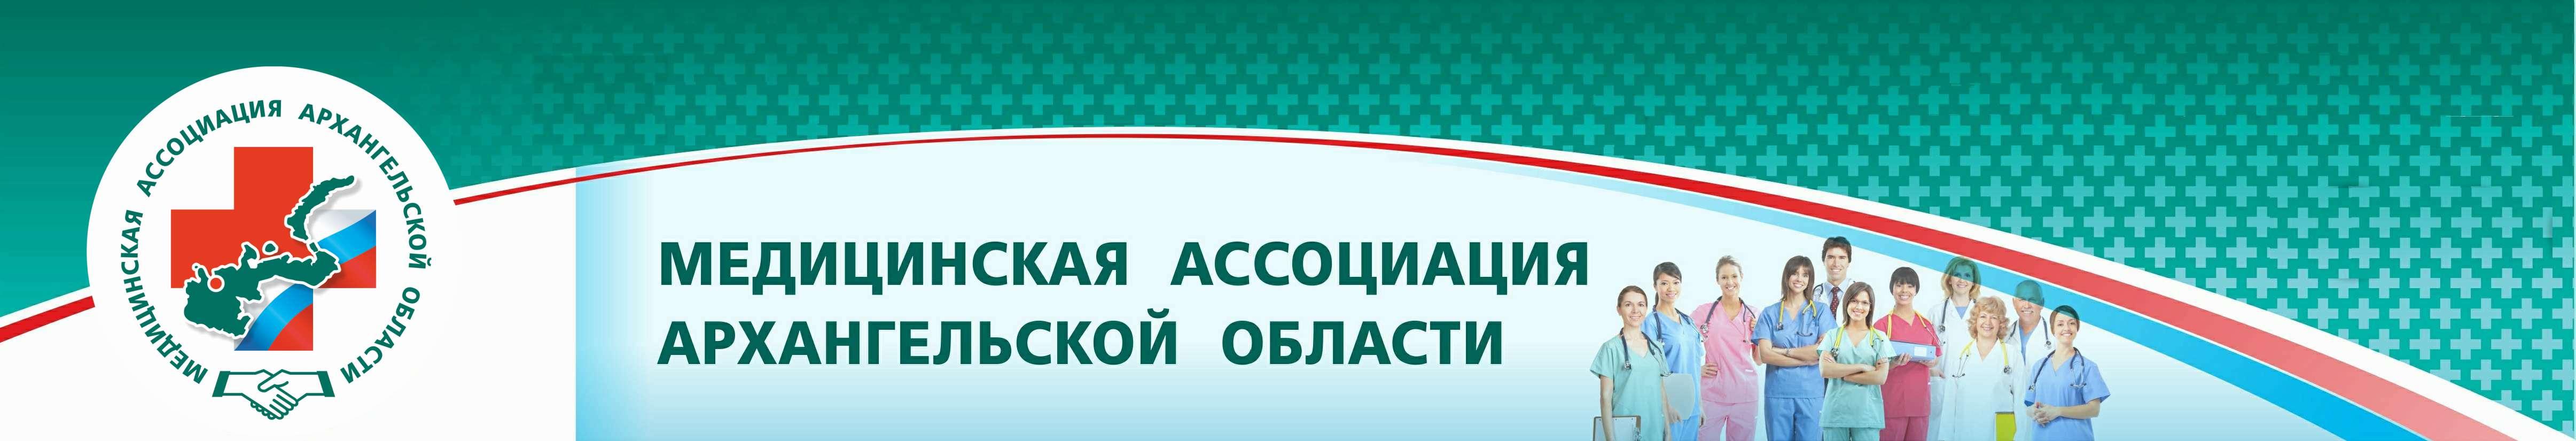 Официальный сайт МЕДИЦИНСКОЙ АССОЦИАЦИИ АРХАНГЕЛЬСКОЙ ОБЛАСТИ.